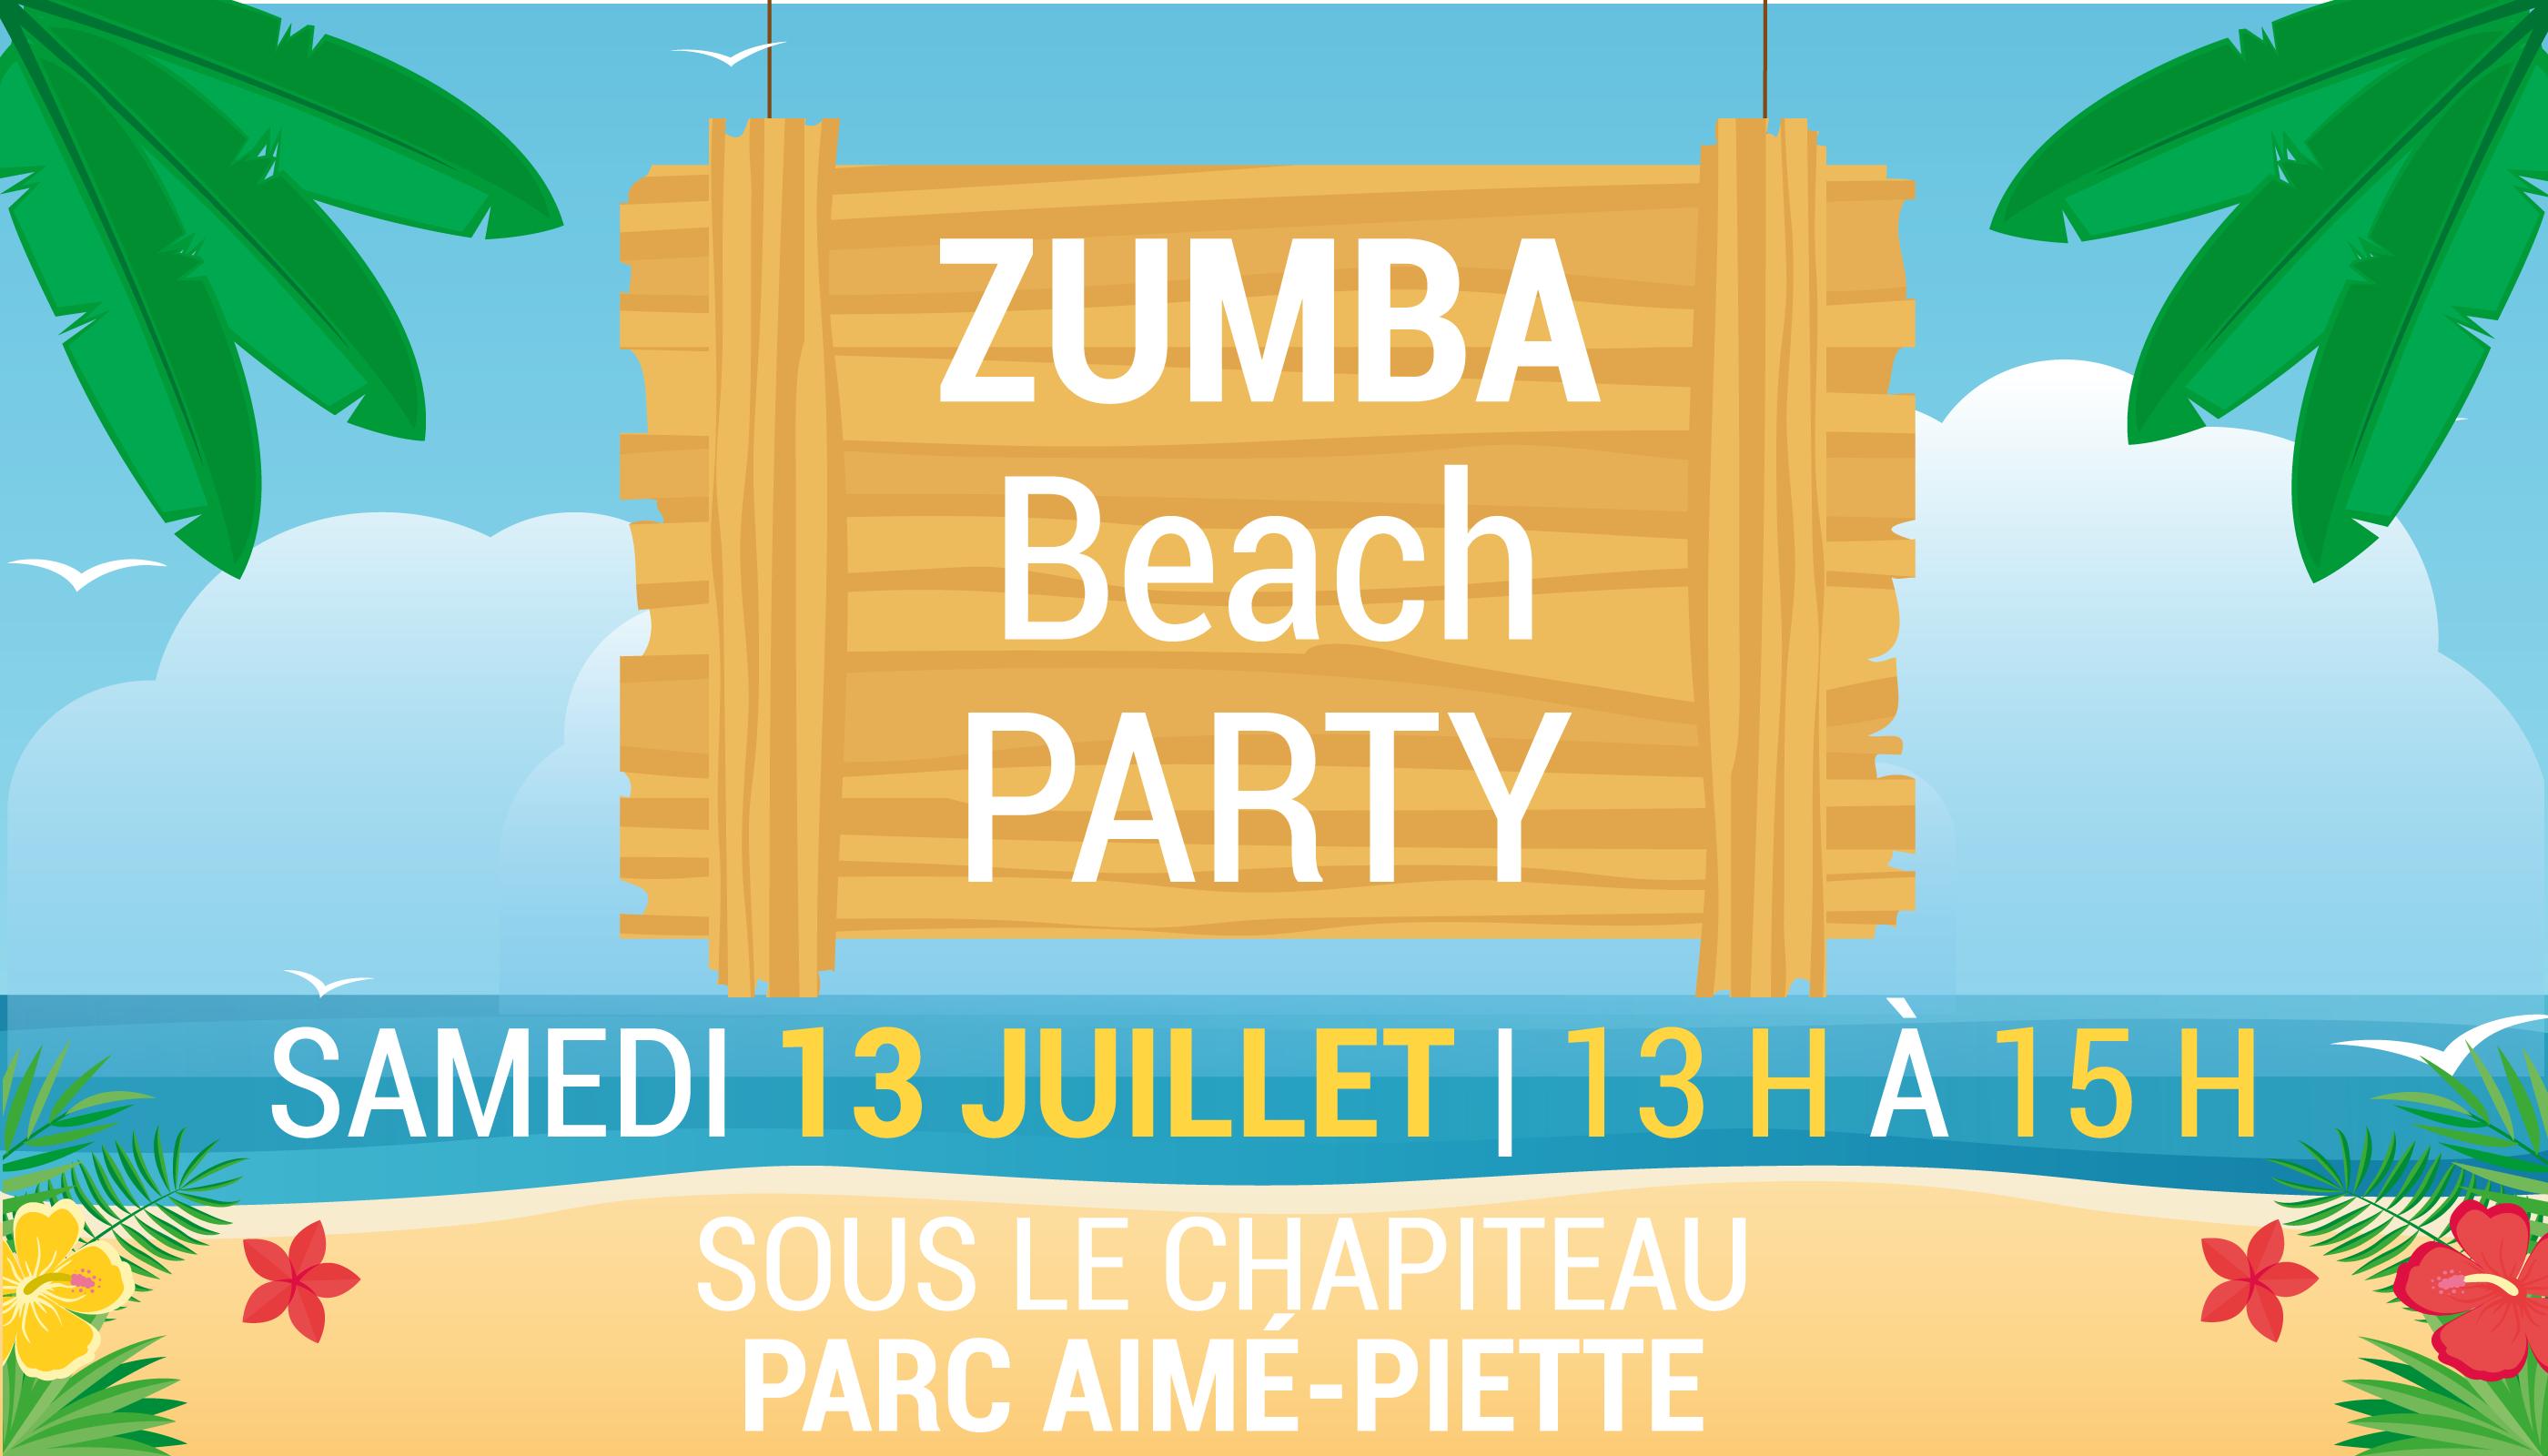 Symposium de danse   Zumba party @ Parc Aimé-Piette